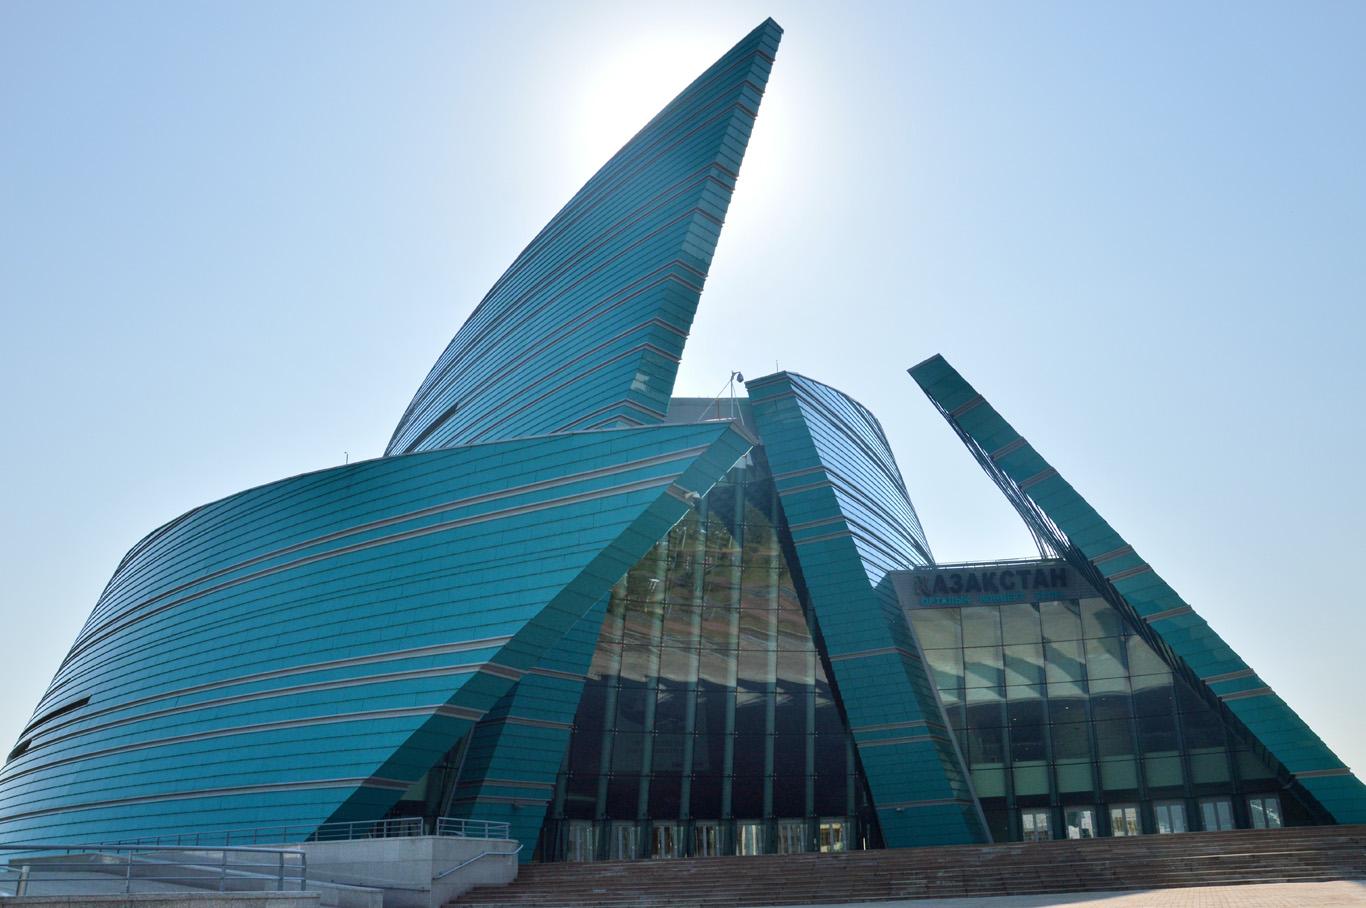 Kazakhstan Central Concert Hall